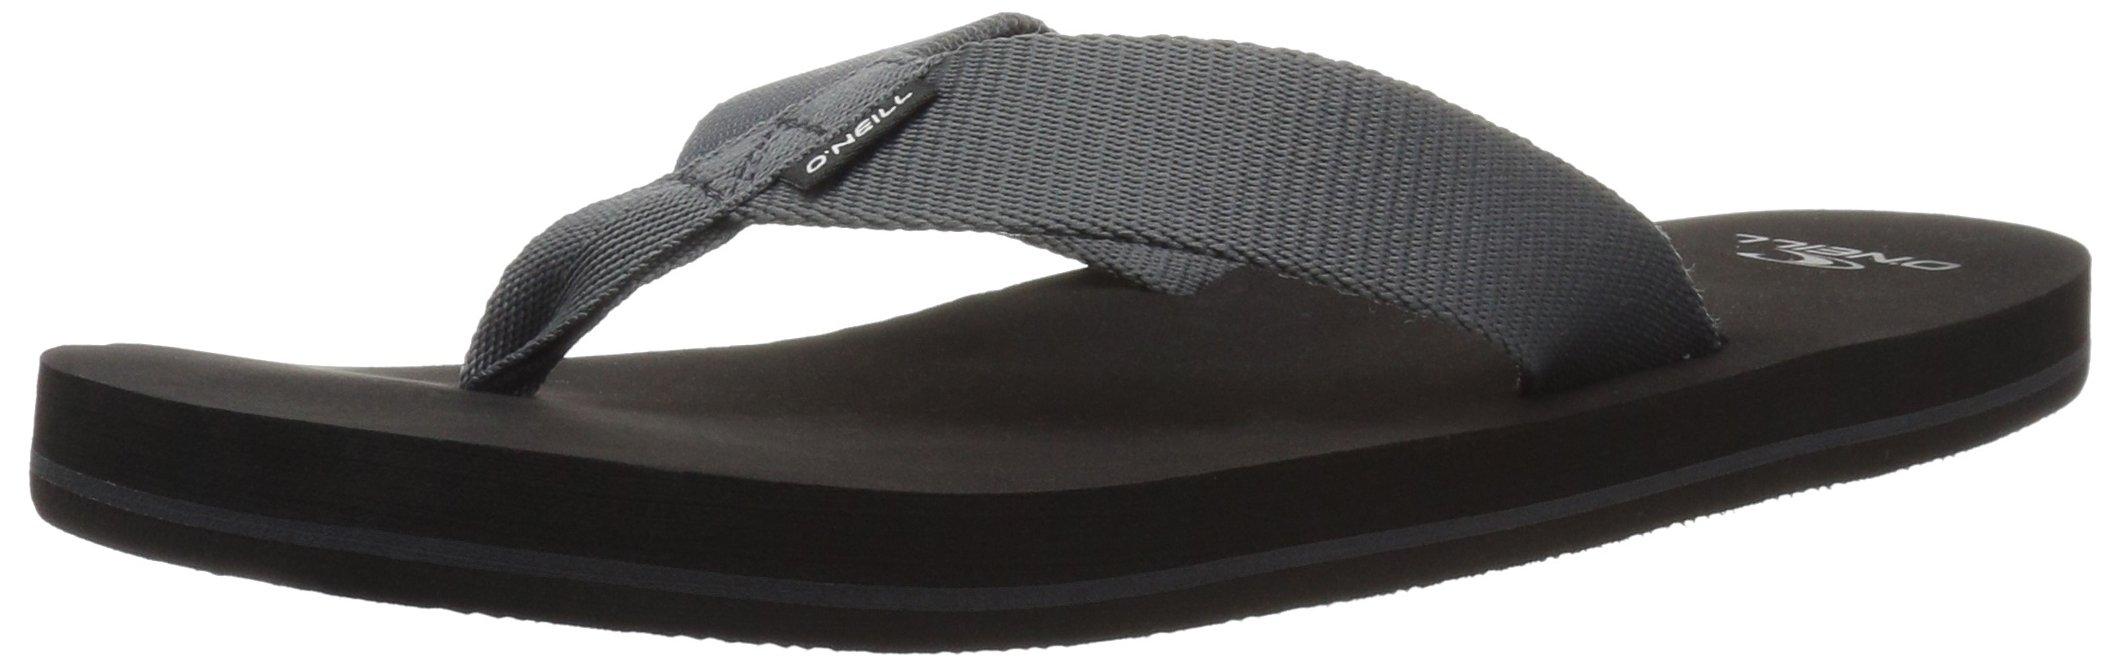 O'Neill Men's Bolsa Flip-Flop, Black, 11 M US